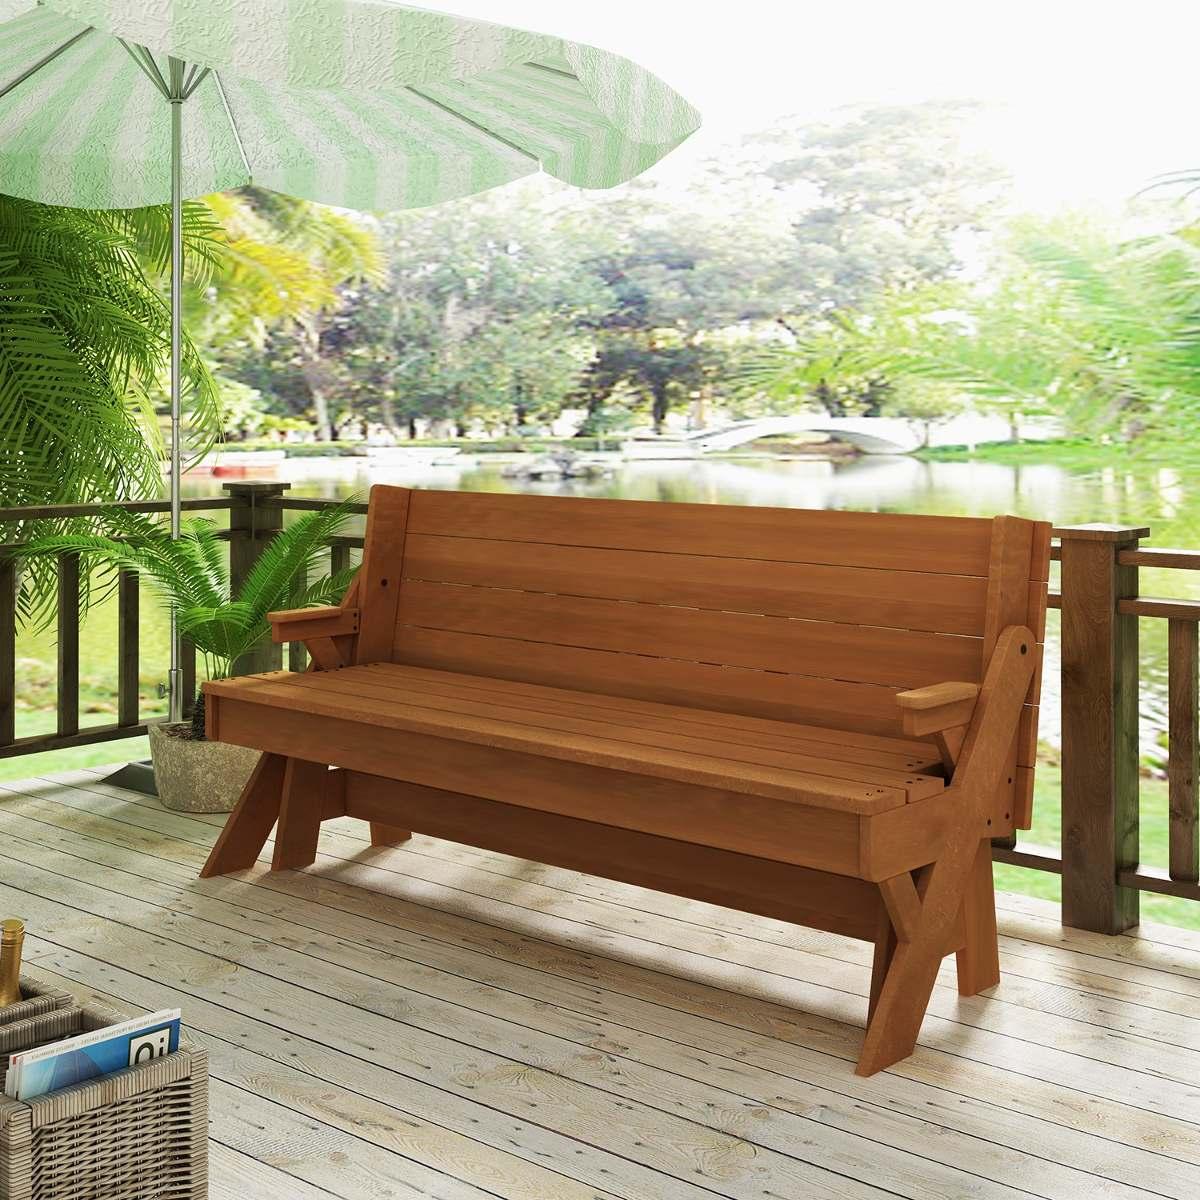 mesa de jardim que vira banco:Banco De Jardim Vira Mesa – R$ 1.205  #46651C 1200x1200